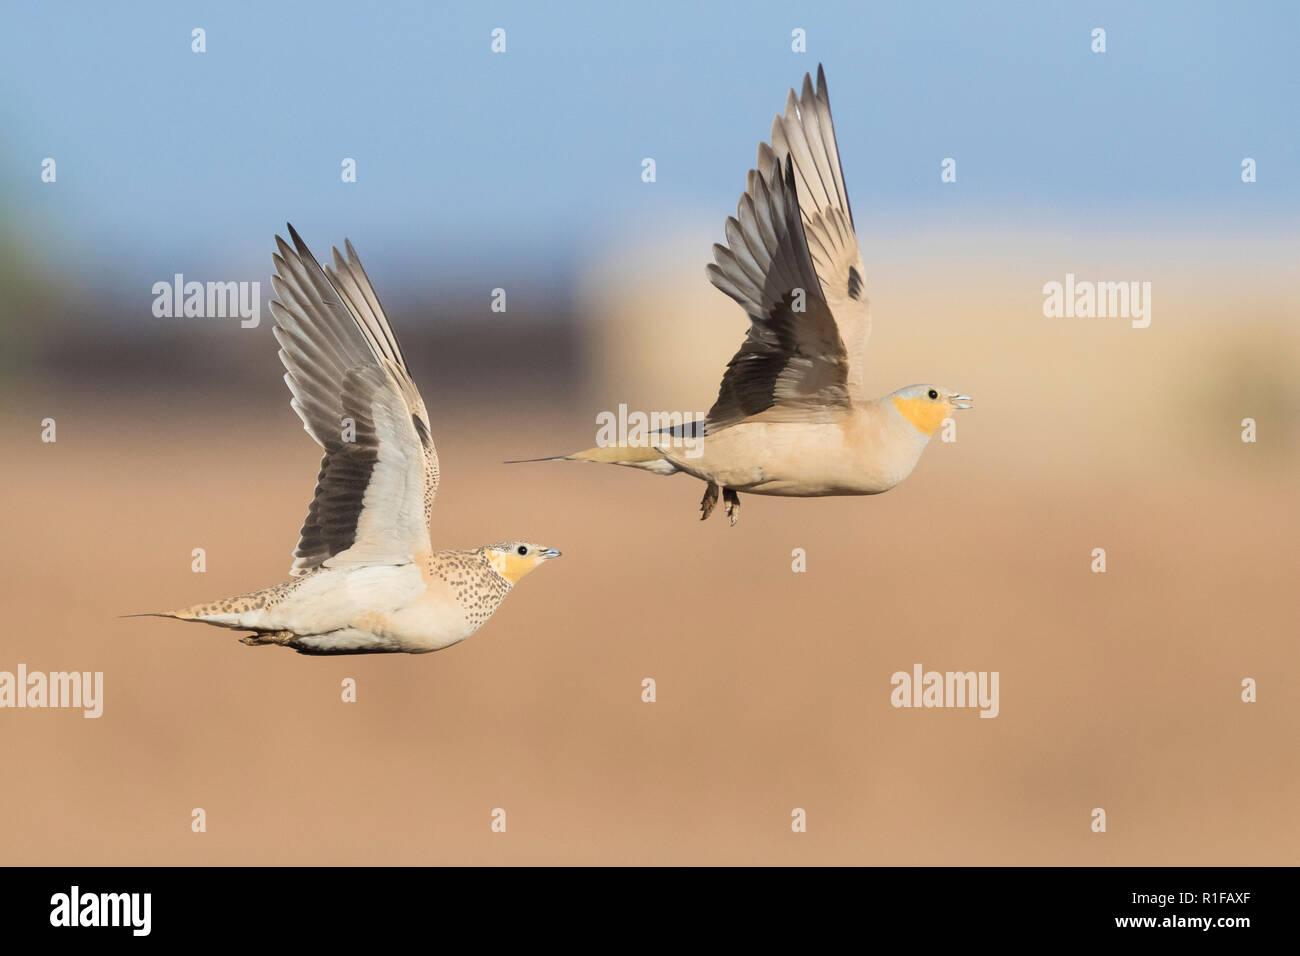 Gefleckte Sandgrouse (Pterocles senegallus), ein Männchen und ein Weibchen im Flug Stockbild